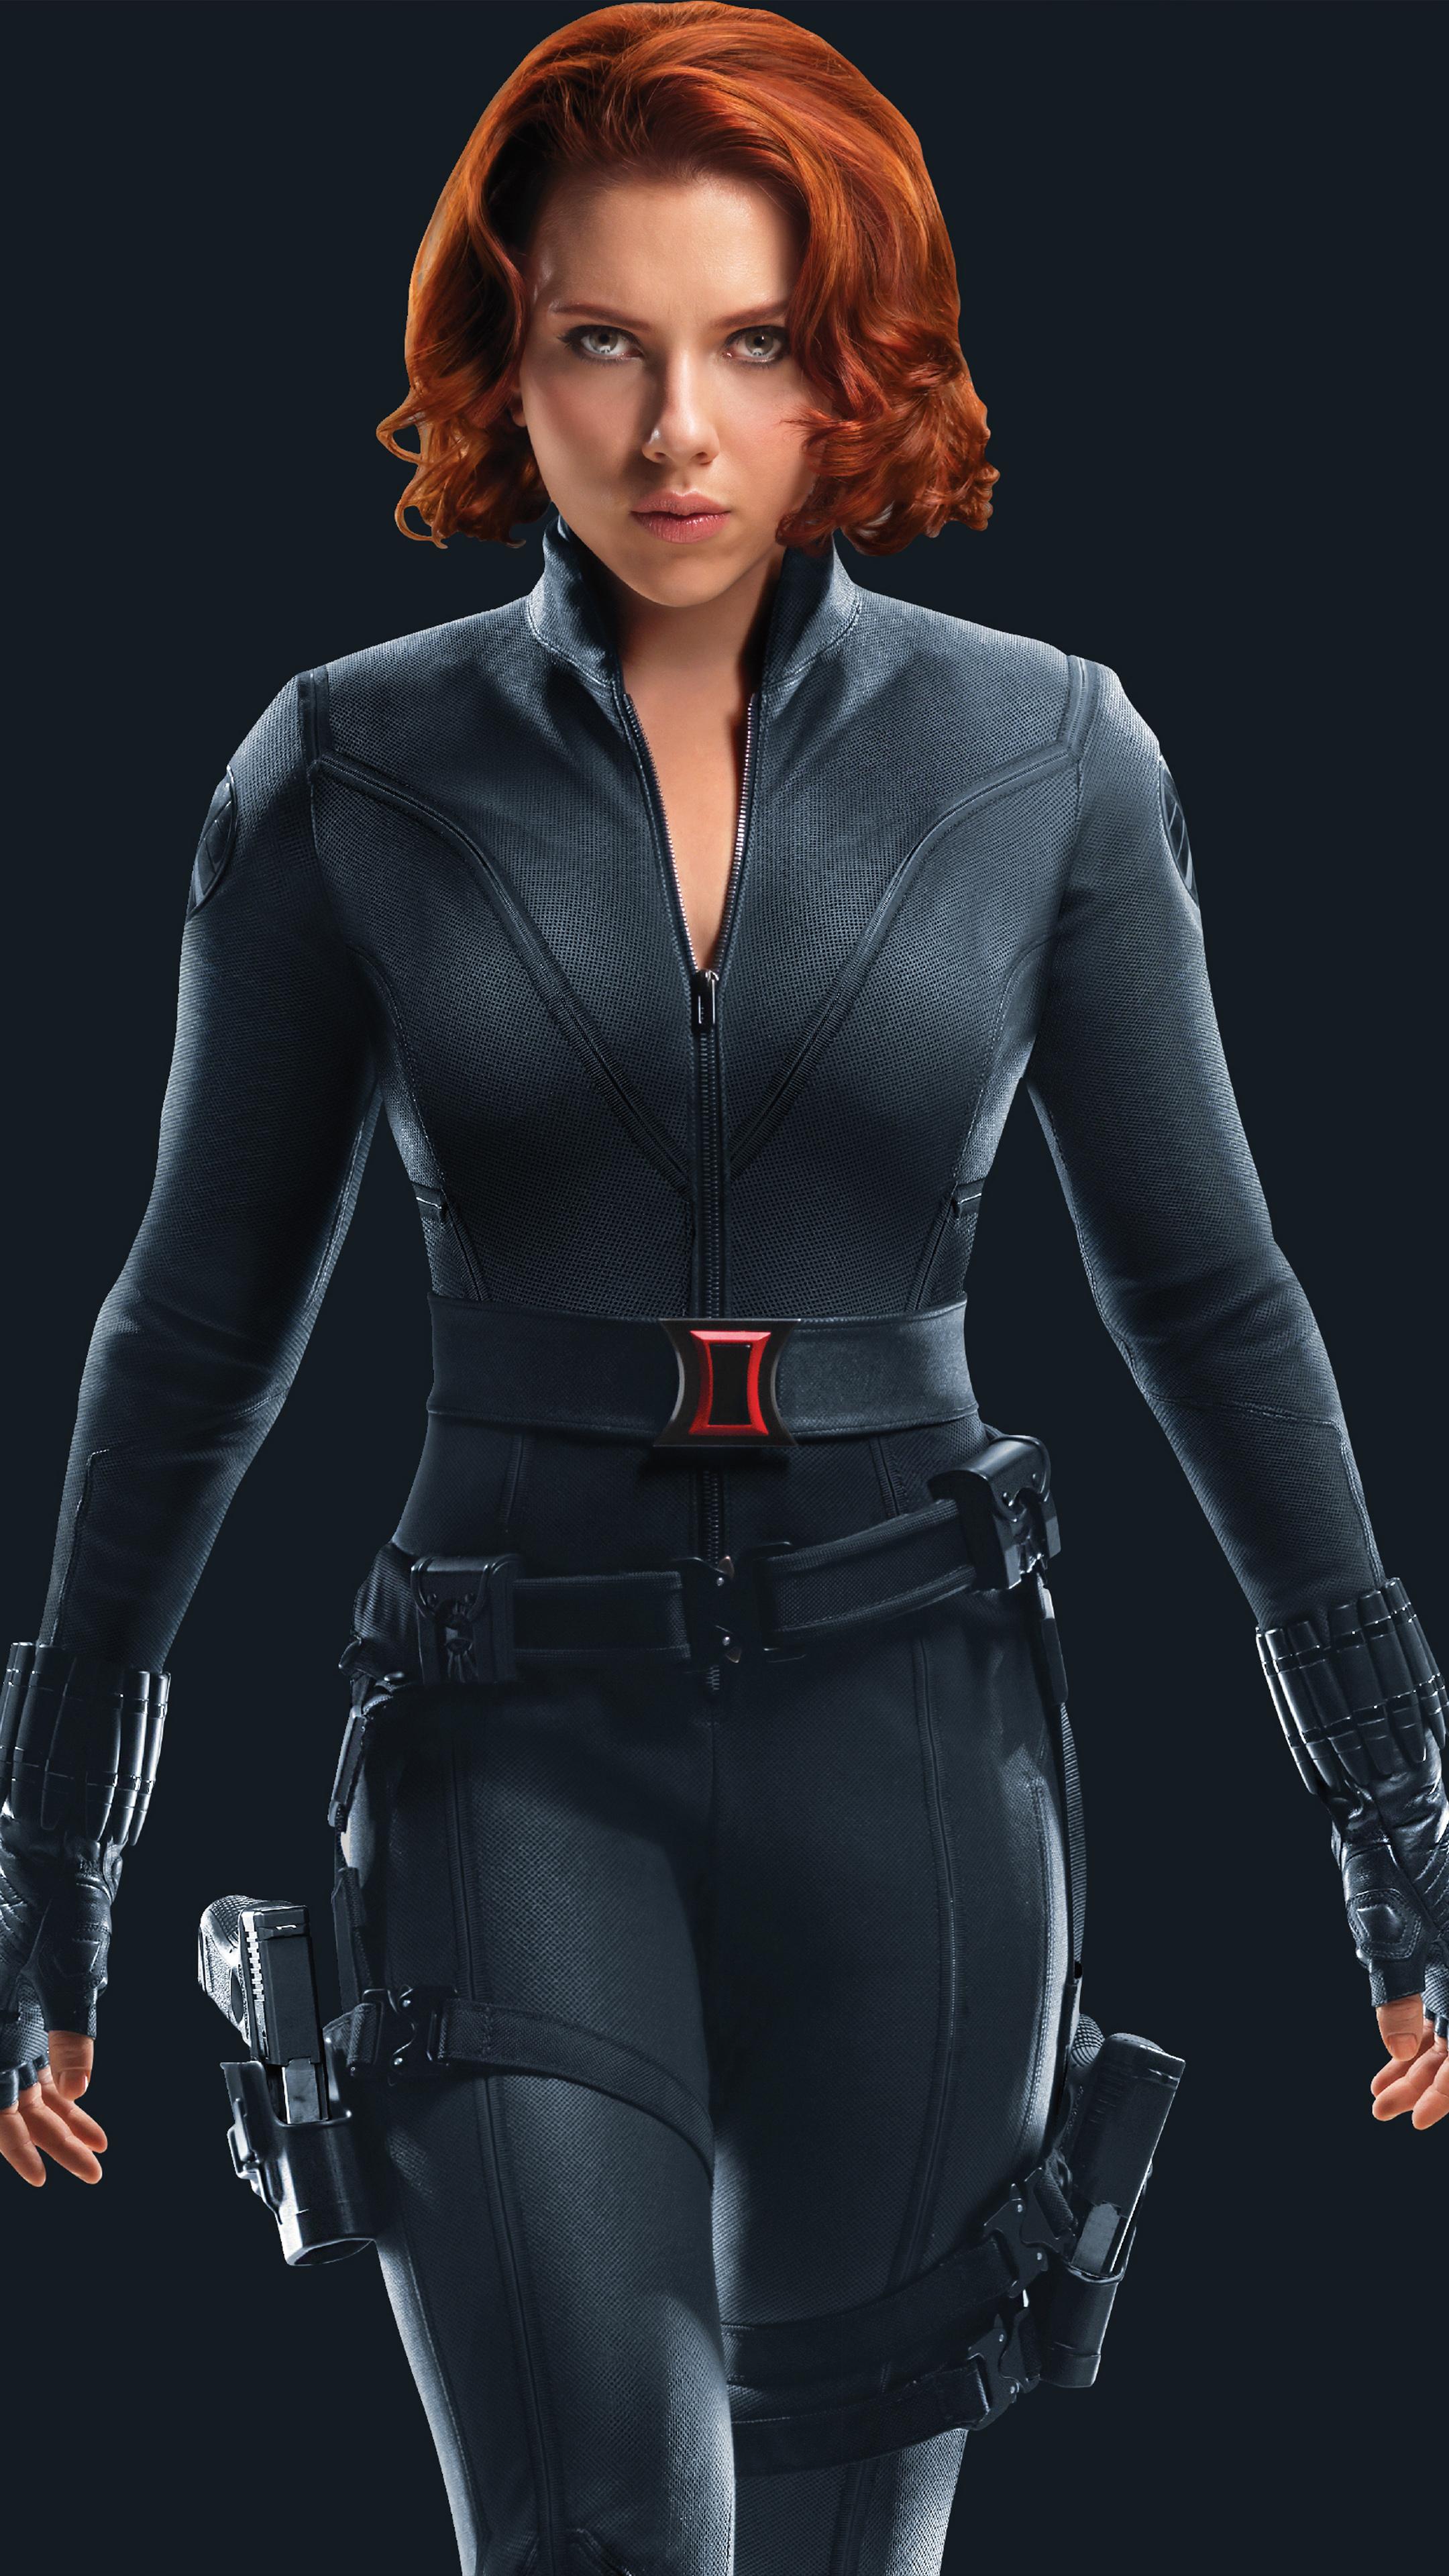 Black Widow Scarlett Johansson Superhero 4K Ultra HD ...